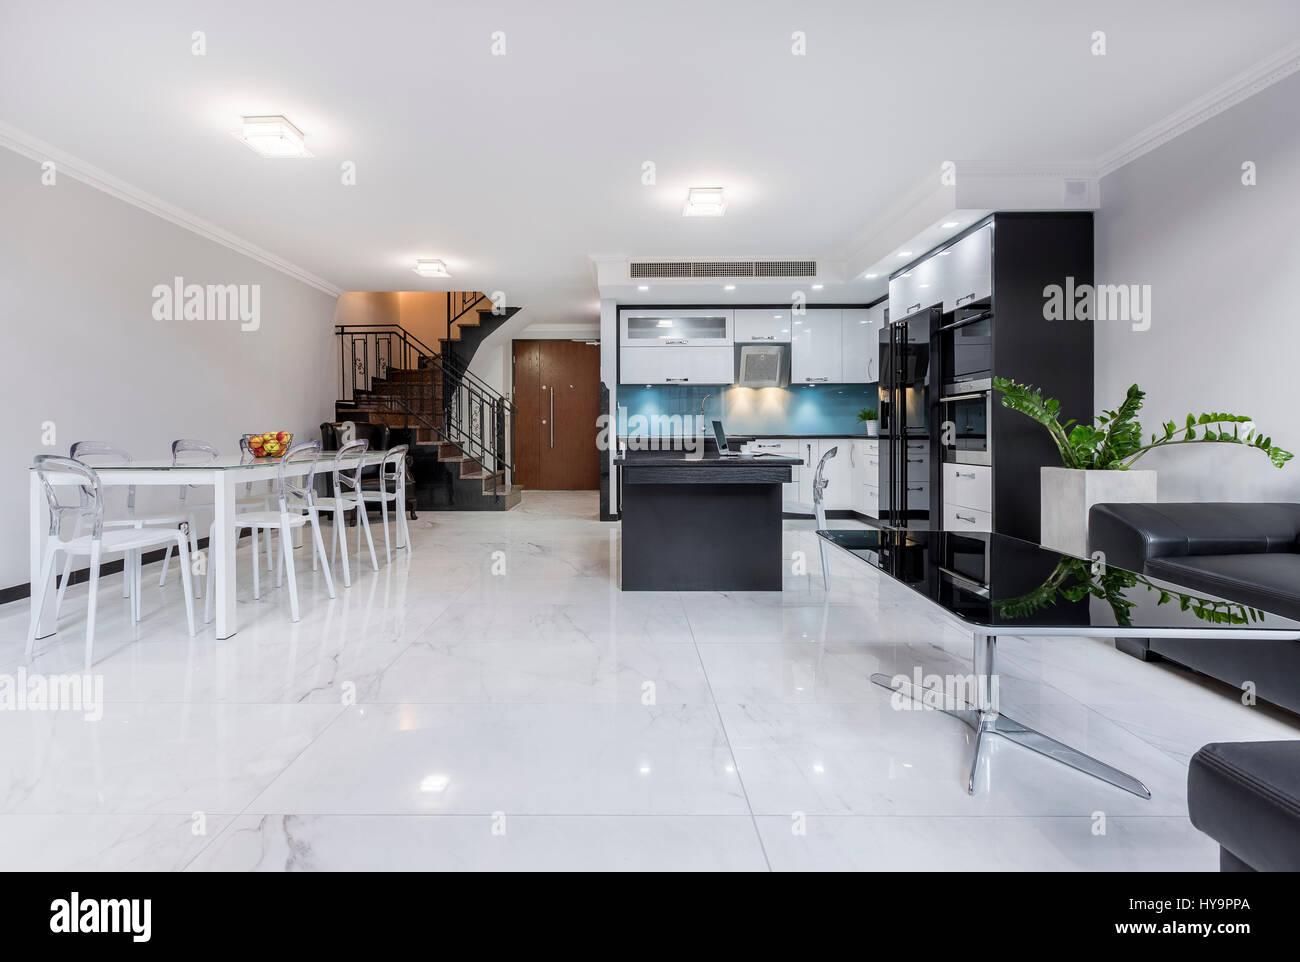 Fußbodenbelag Flüssig ~ Flüssiger bodenbelag wohnzimmer » inspirierend bodenbeläge